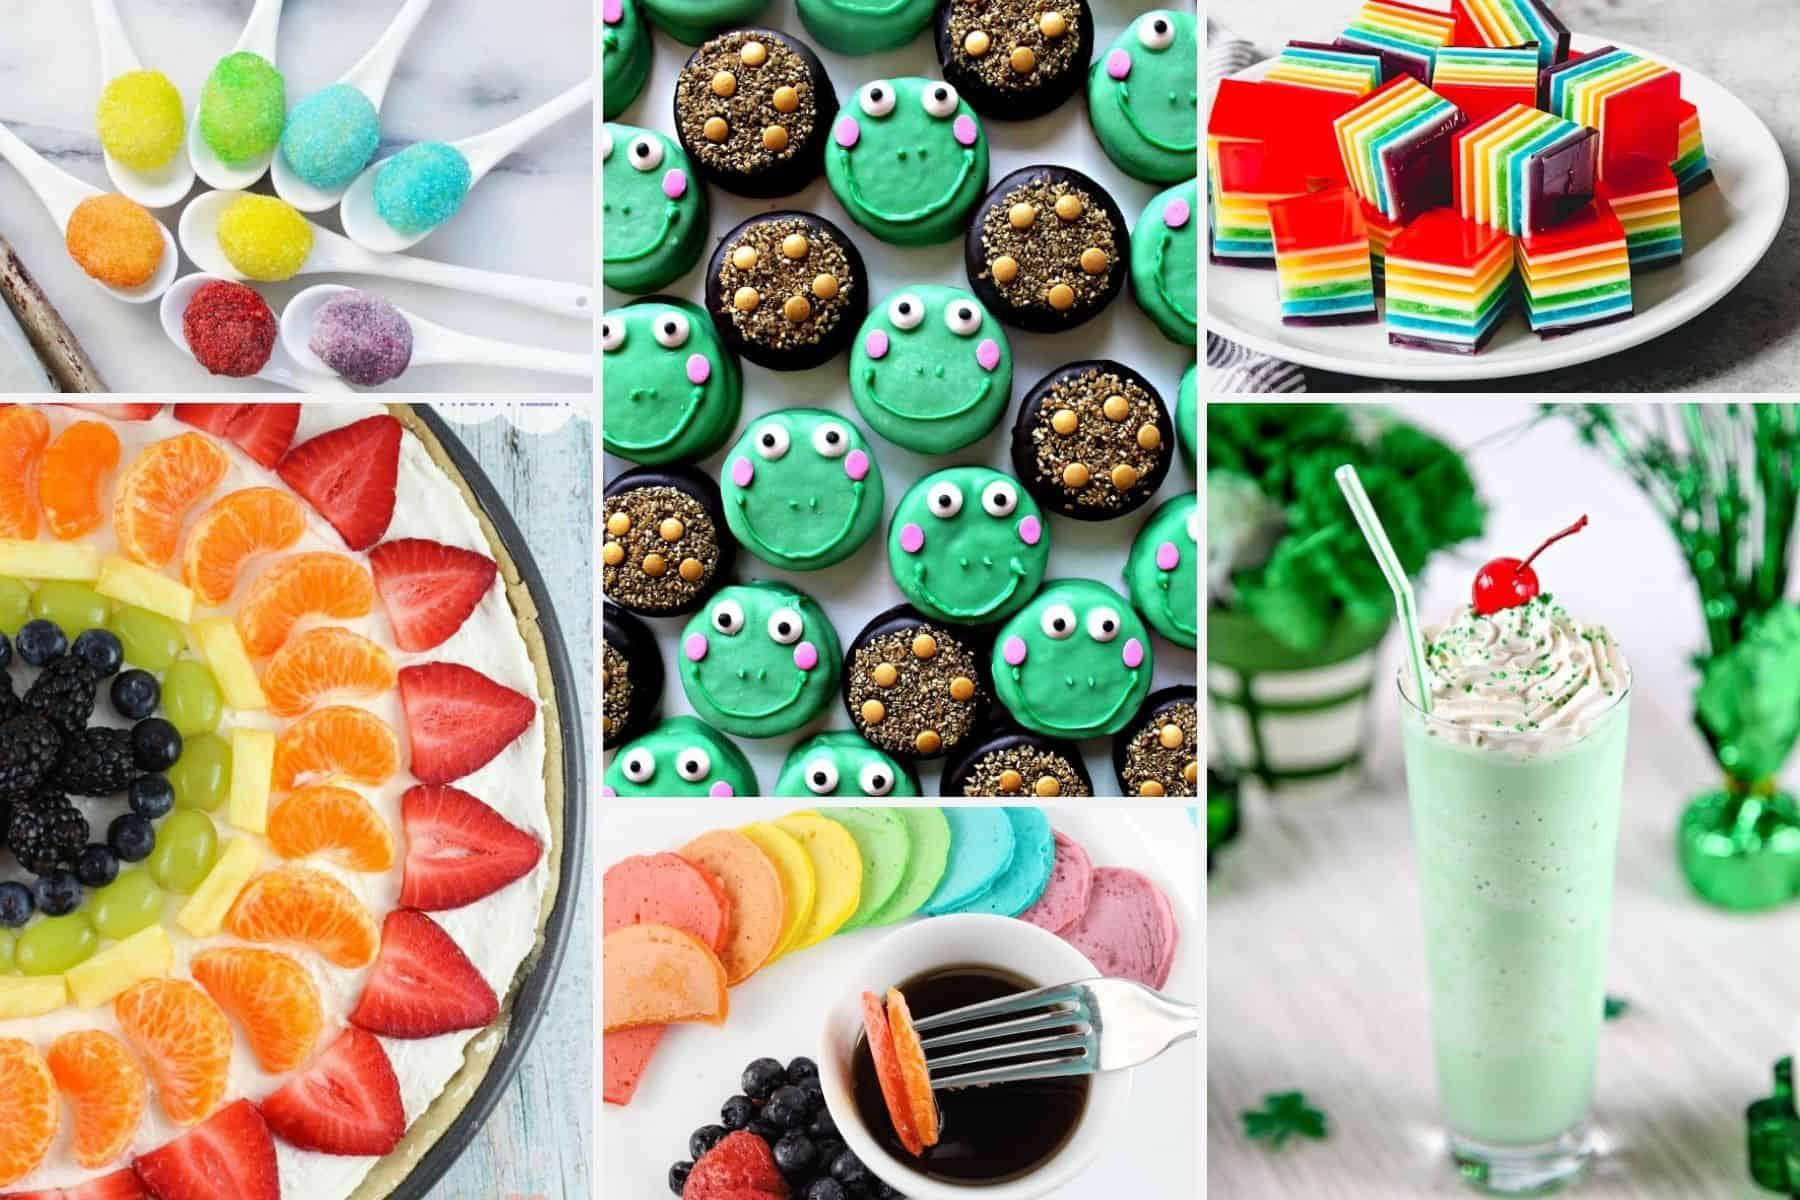 Cute rainbow and green treats